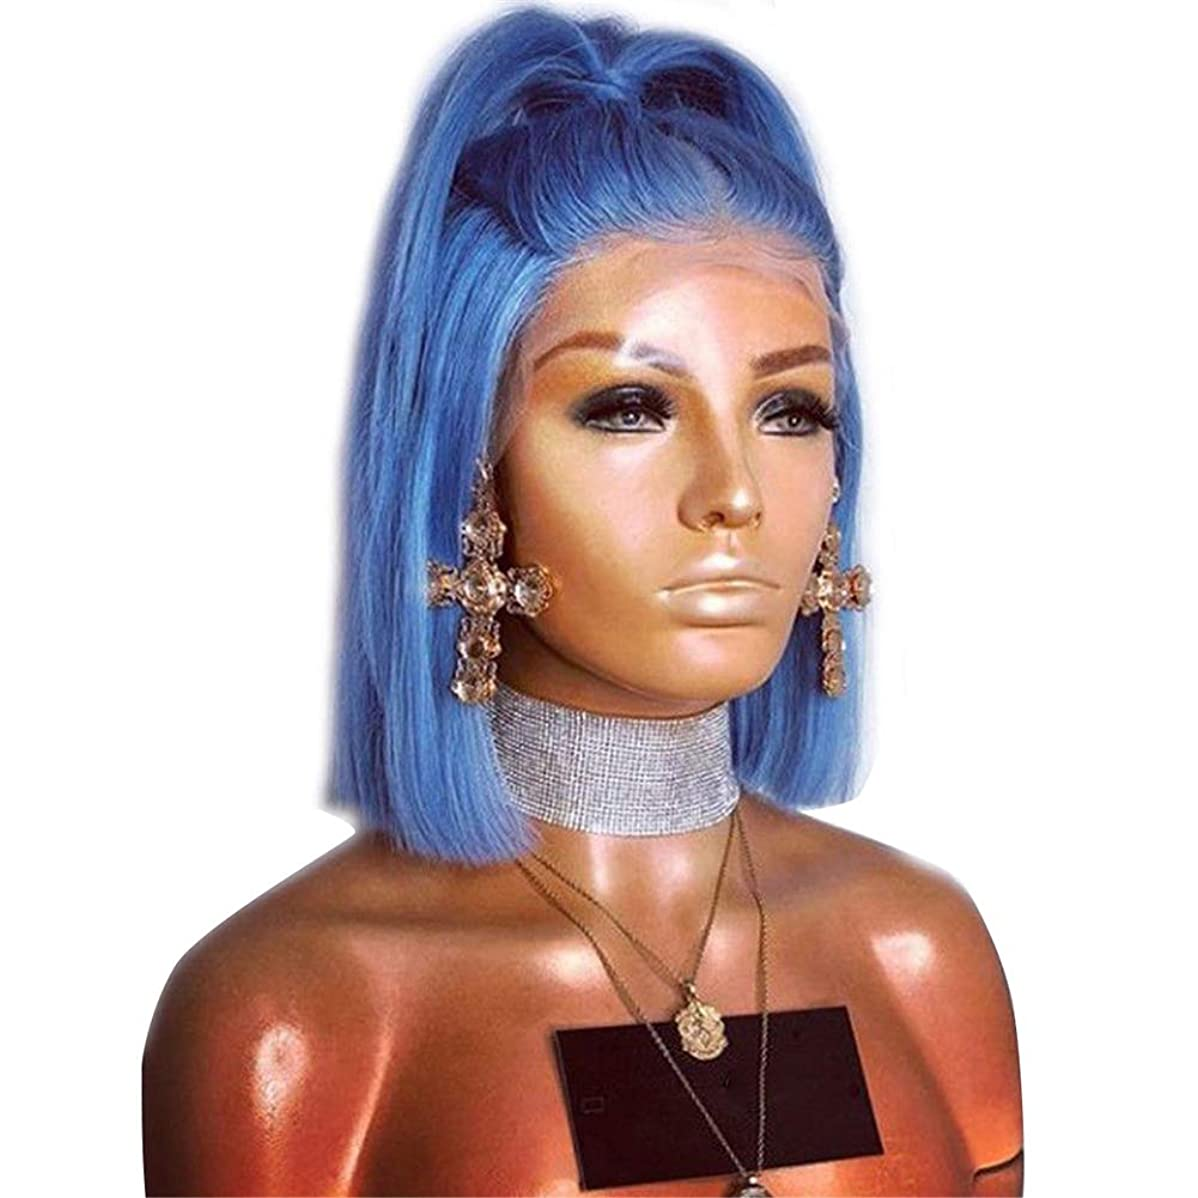 感情保存付き添い人slQinjiansav女性ウィッグ修理ツールファッション女性フロントレース合成ボブストレートヘアウィッグコスプレパーティーヘアピース